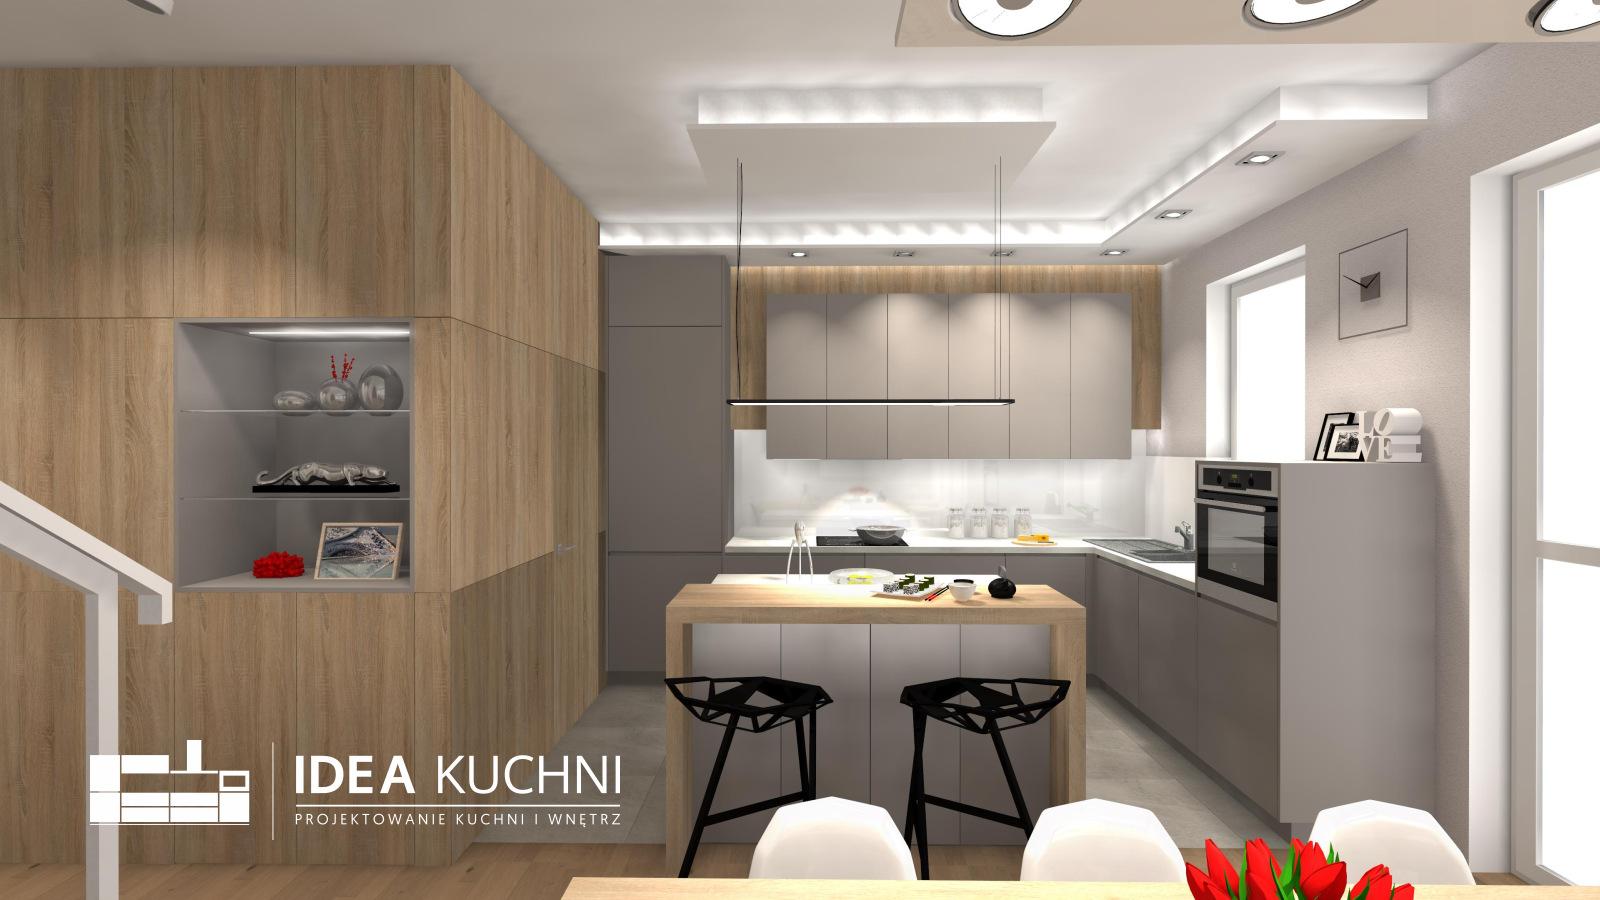 Kuchnia | Lipków3 | Kuchnia Nowoczesna | Szara Kuchnia z mdf-u